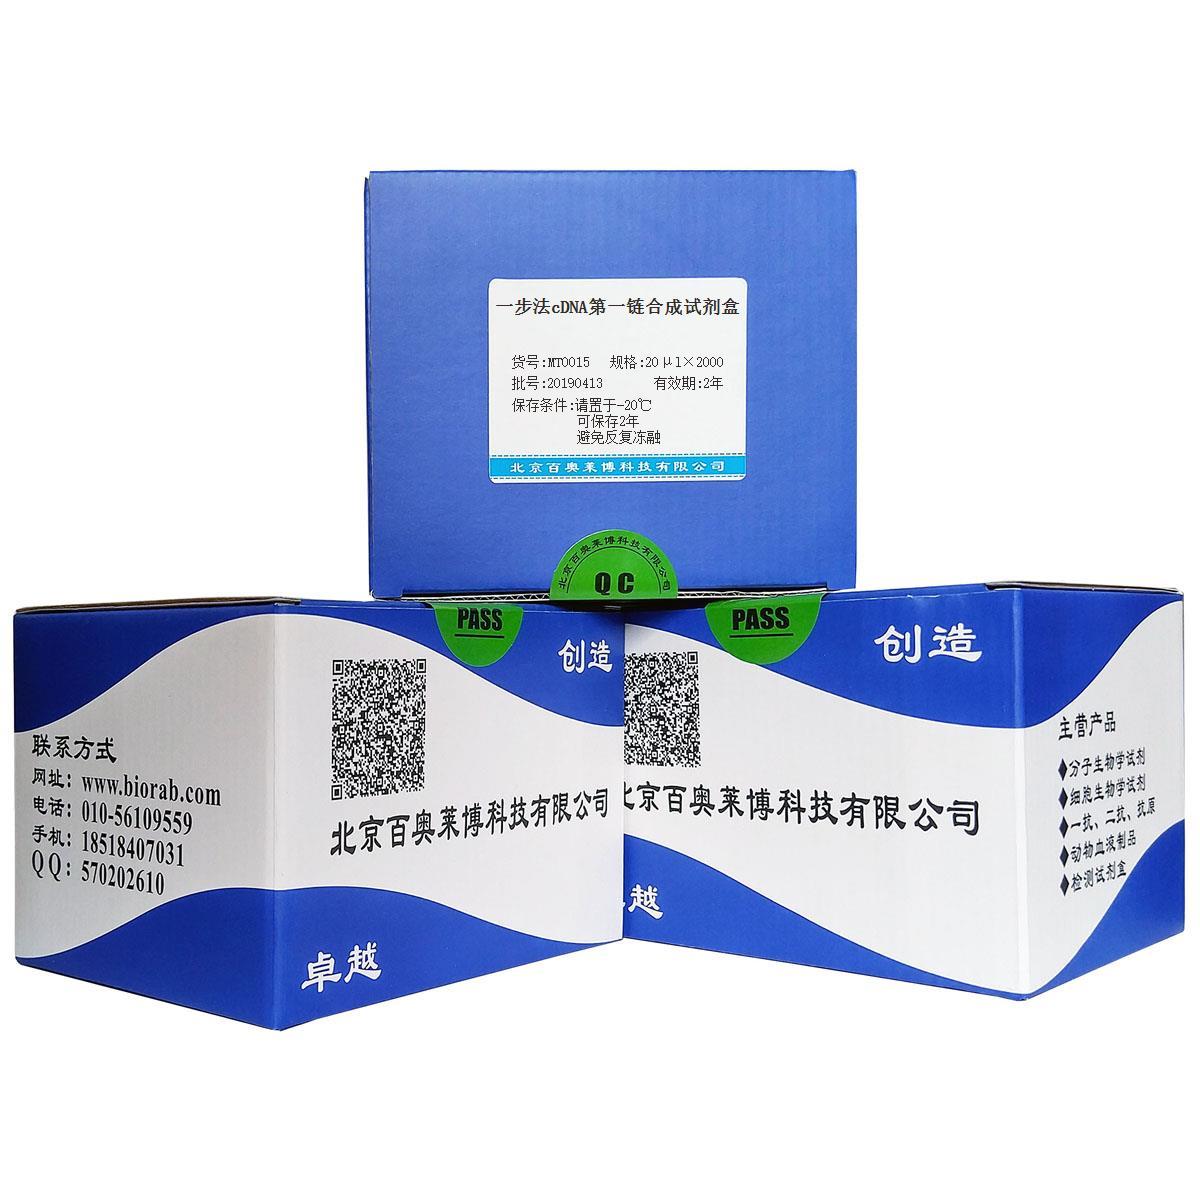 一步法cDNA第一链合成试剂盒